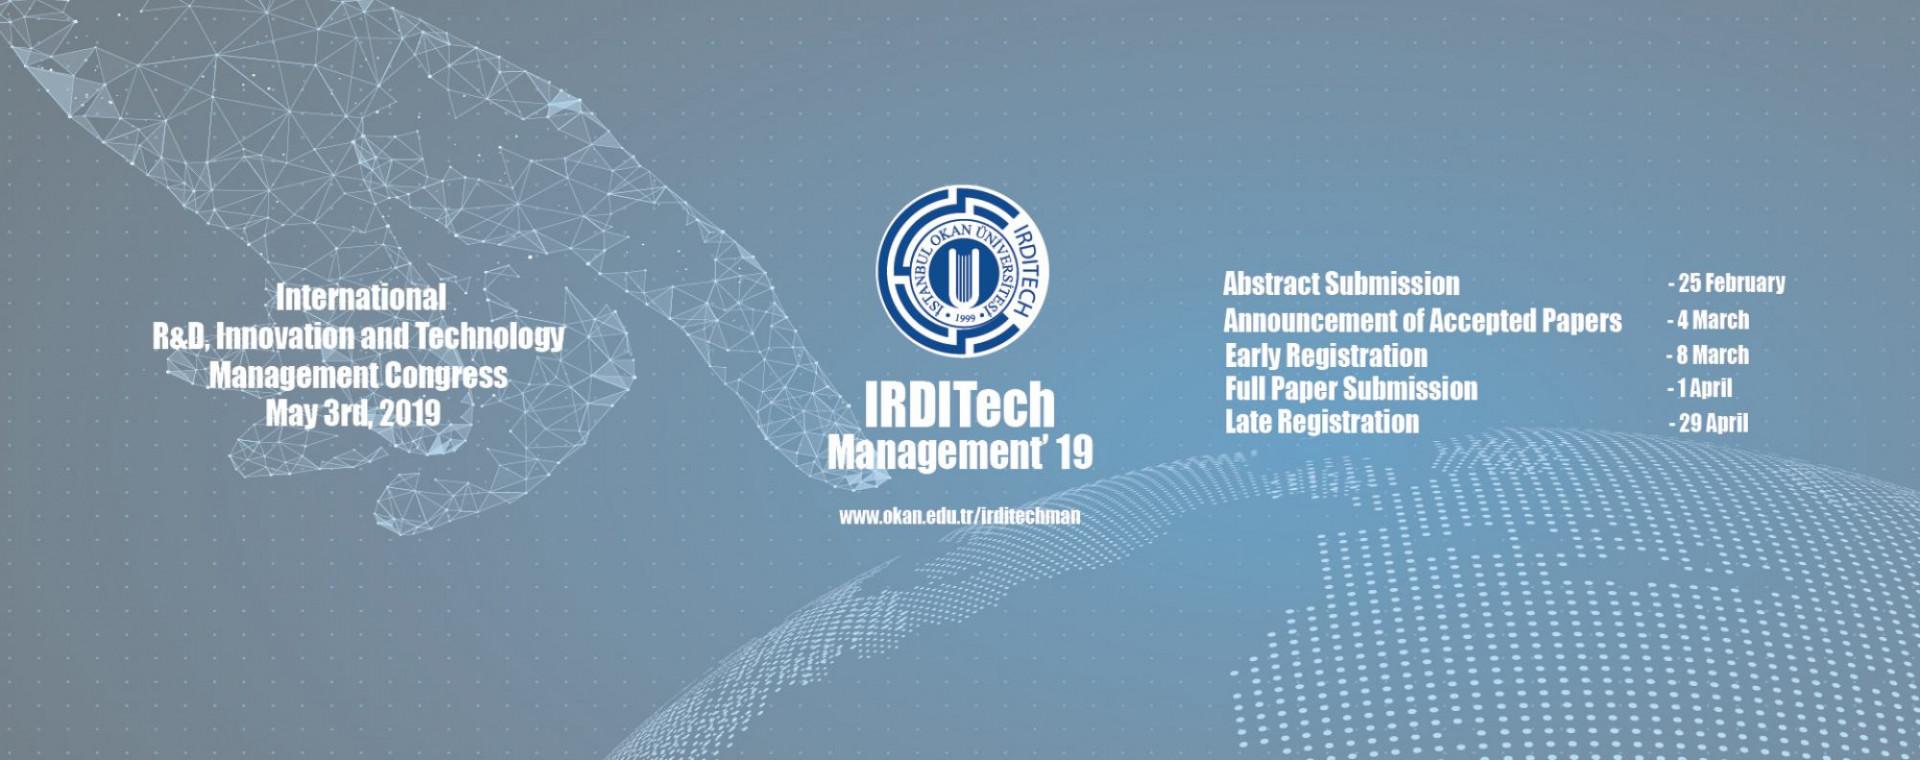 Workshop Program - IRDITech Management 2019 - İstanbul Okan Üniversitesi